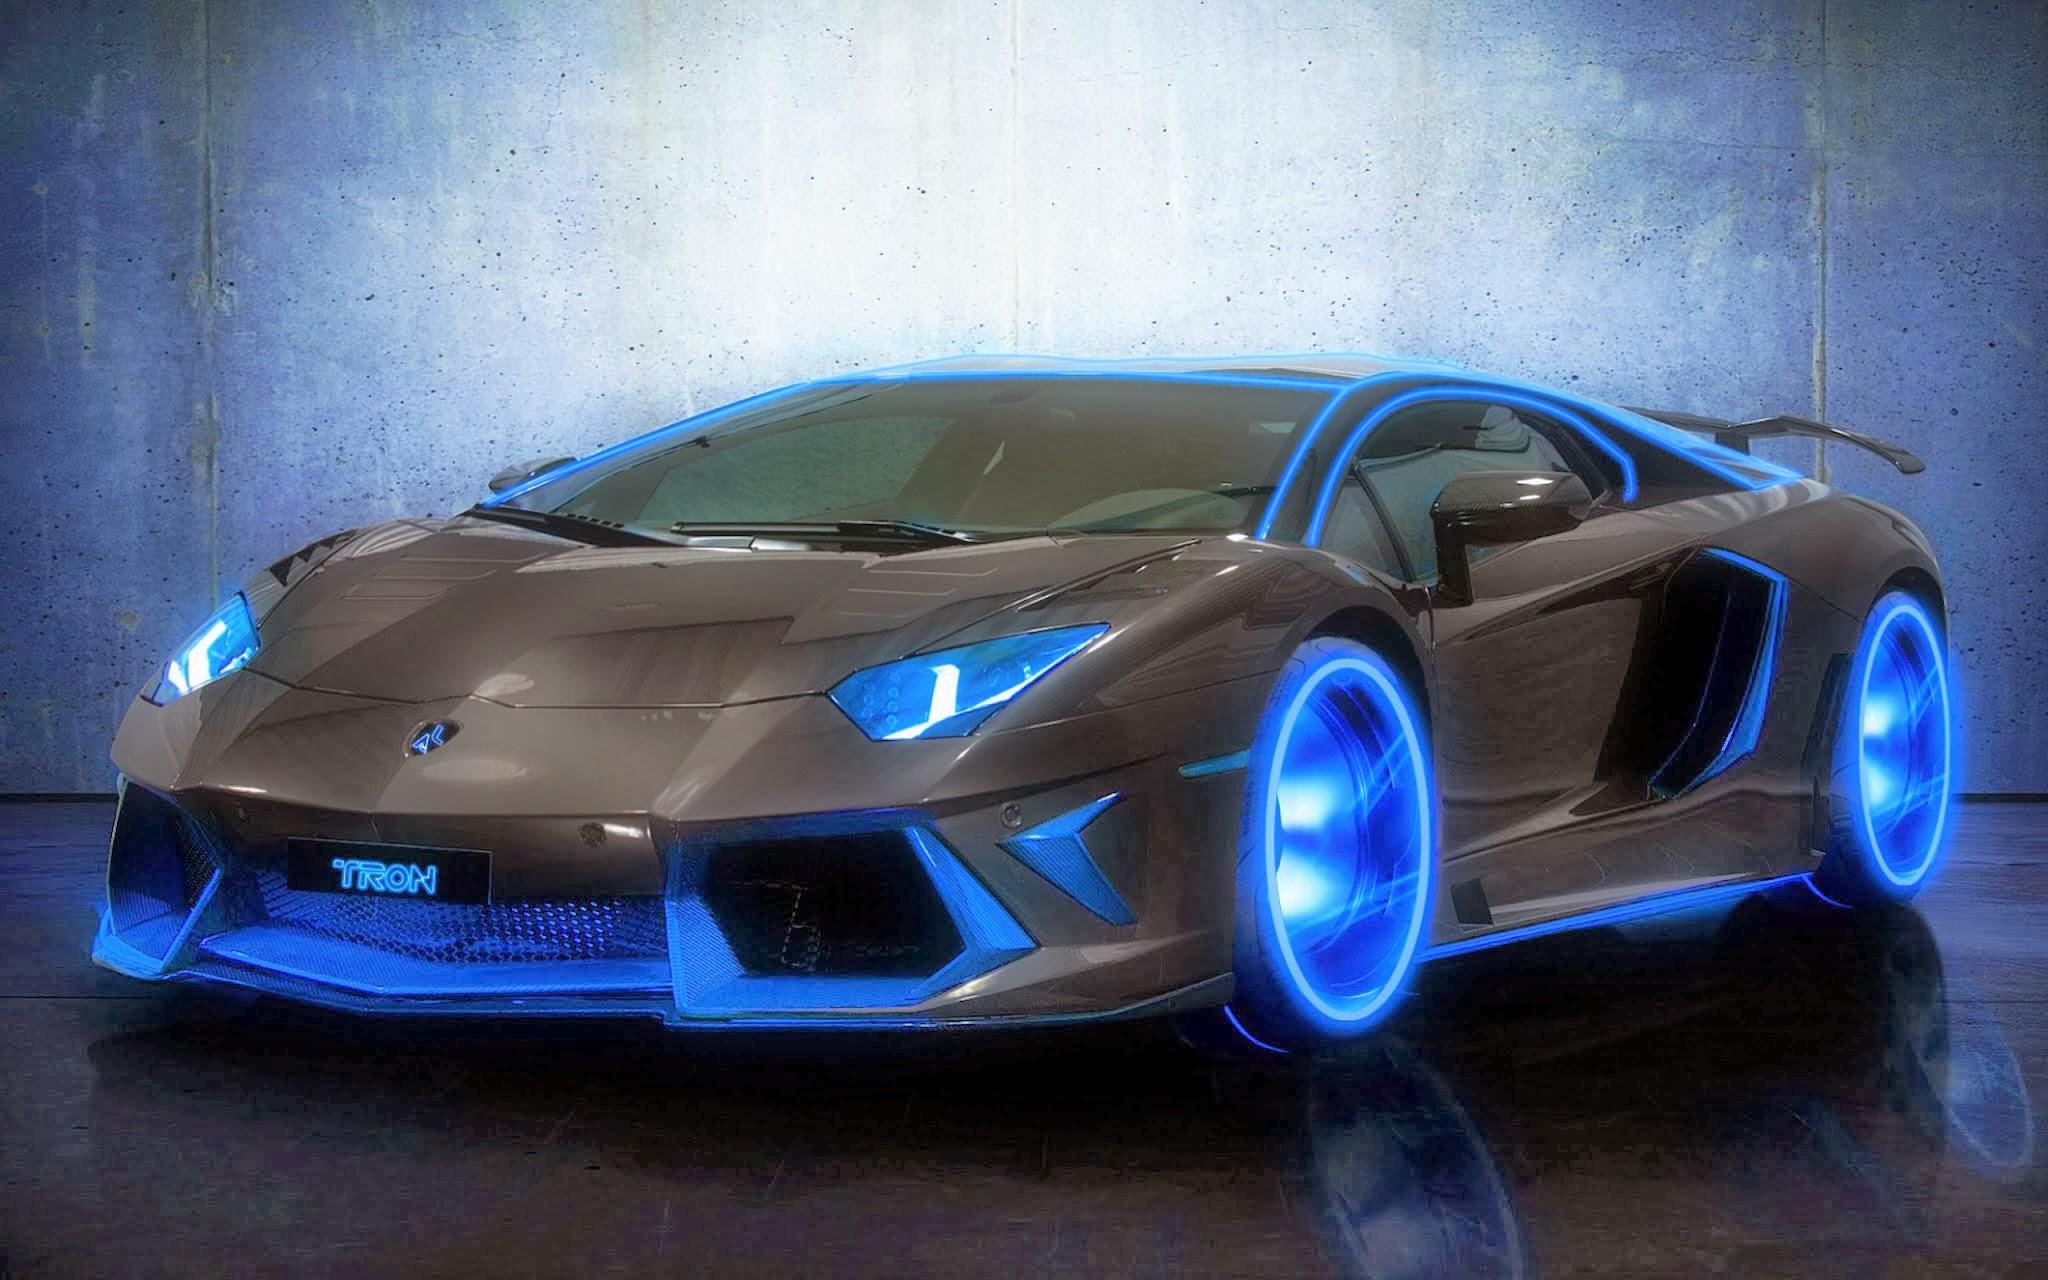 Gini Car Wallpaper Black And Blue Lamborghini Wallpaper 11 Desktop Wallpaper